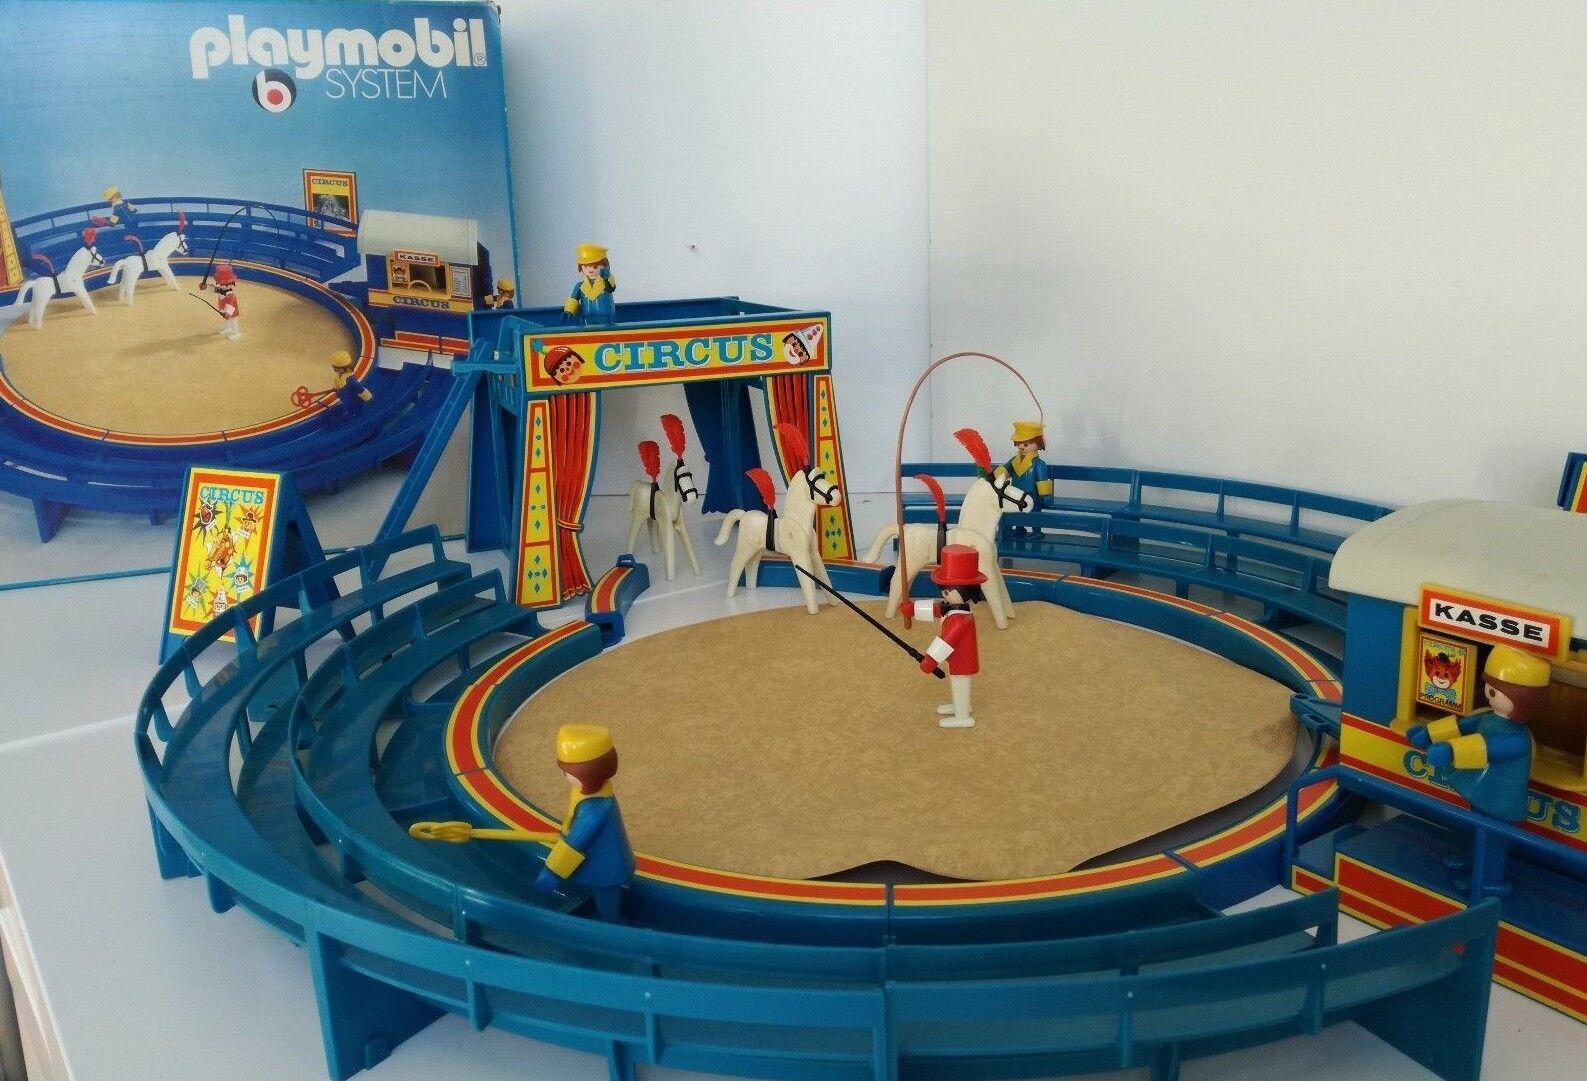 Playmobil 3510 - Blau Circus   Zirkus-Manege in original Box   OVP